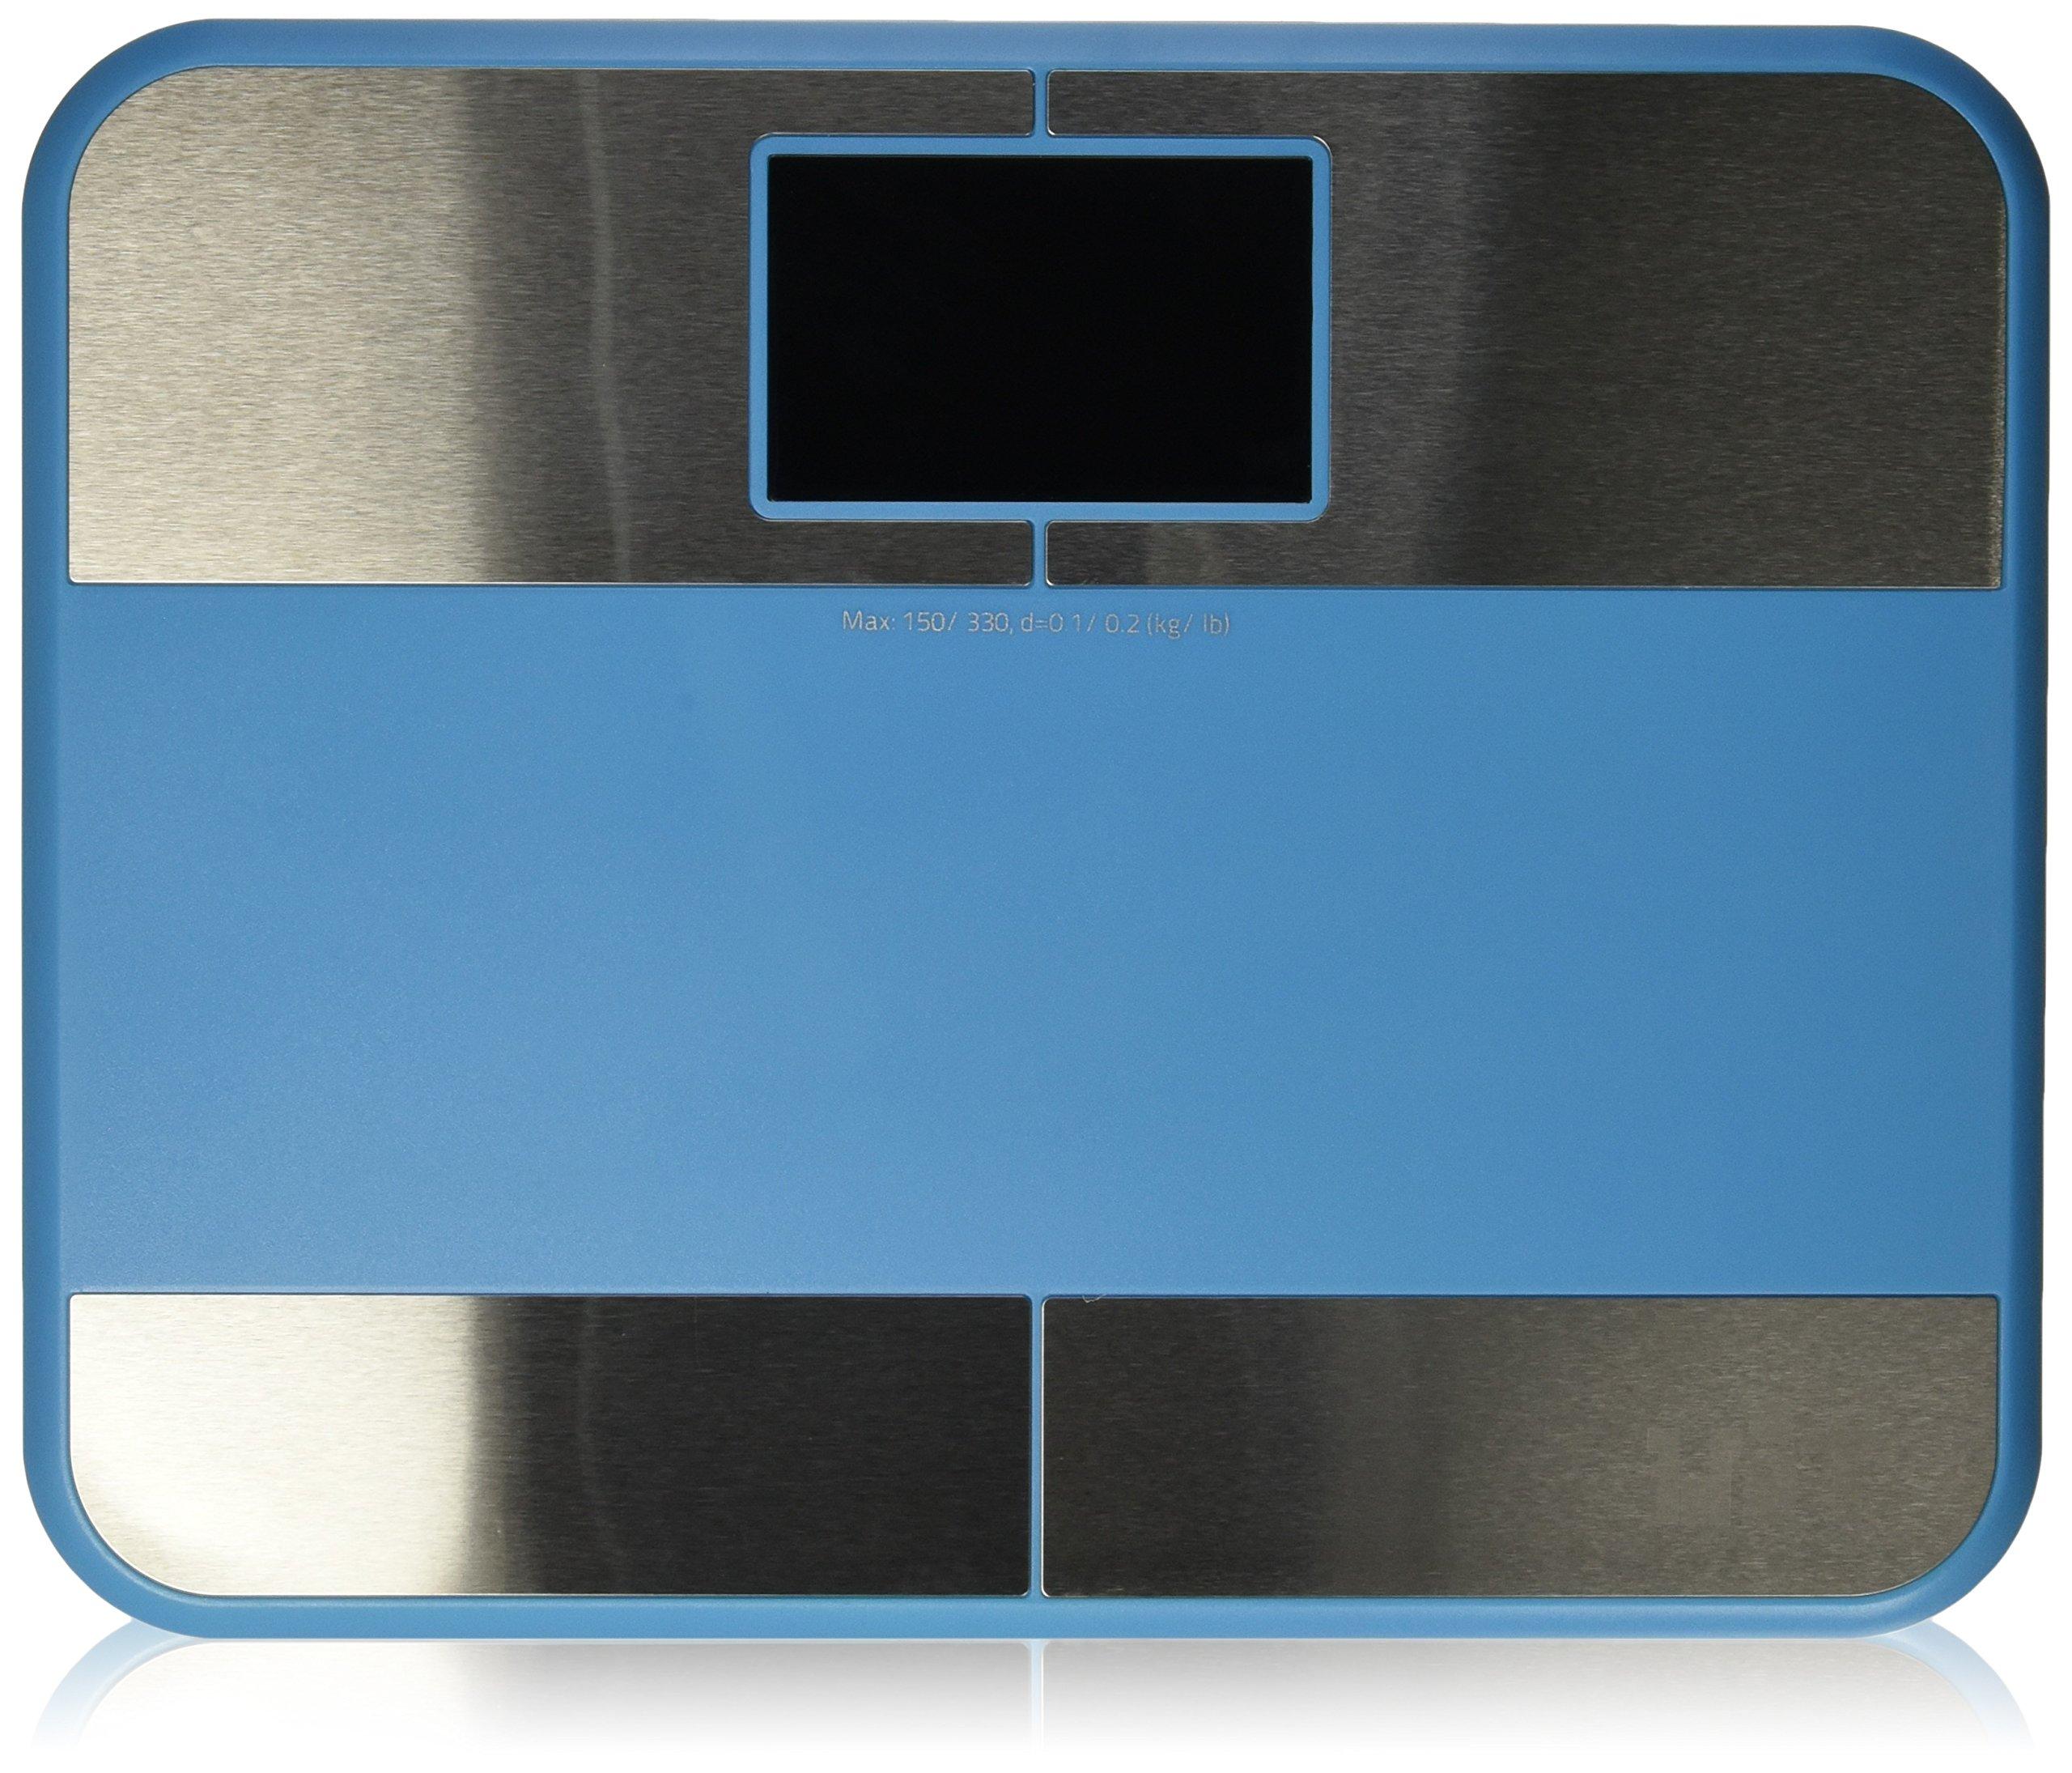 witscale S1°F 蓝牙数码浴室比例身体脂肪 W/大背光显示和 step-on 技术适用于 iphone5s , iphone5°C 手机, ipad mini